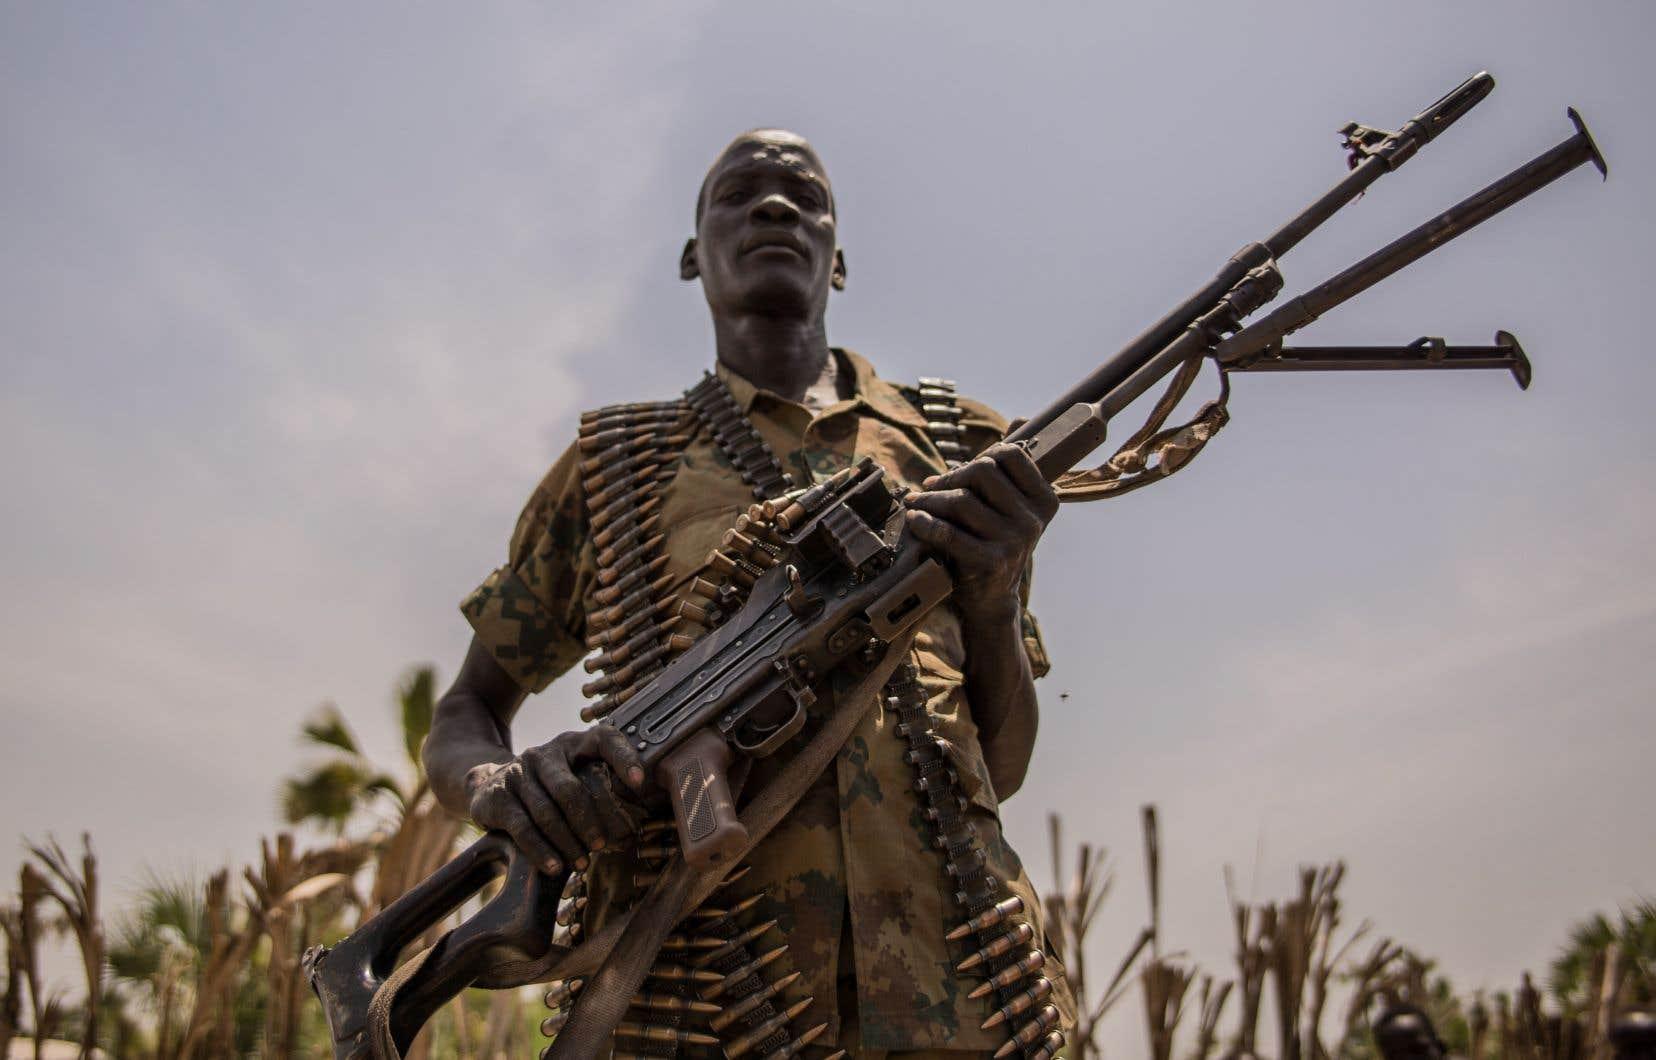 En près de cinq ans de conflit, les tractations diplomatiques n'ont pas réussi à mettre un terme à la guerre civile au Soudan du Sud.